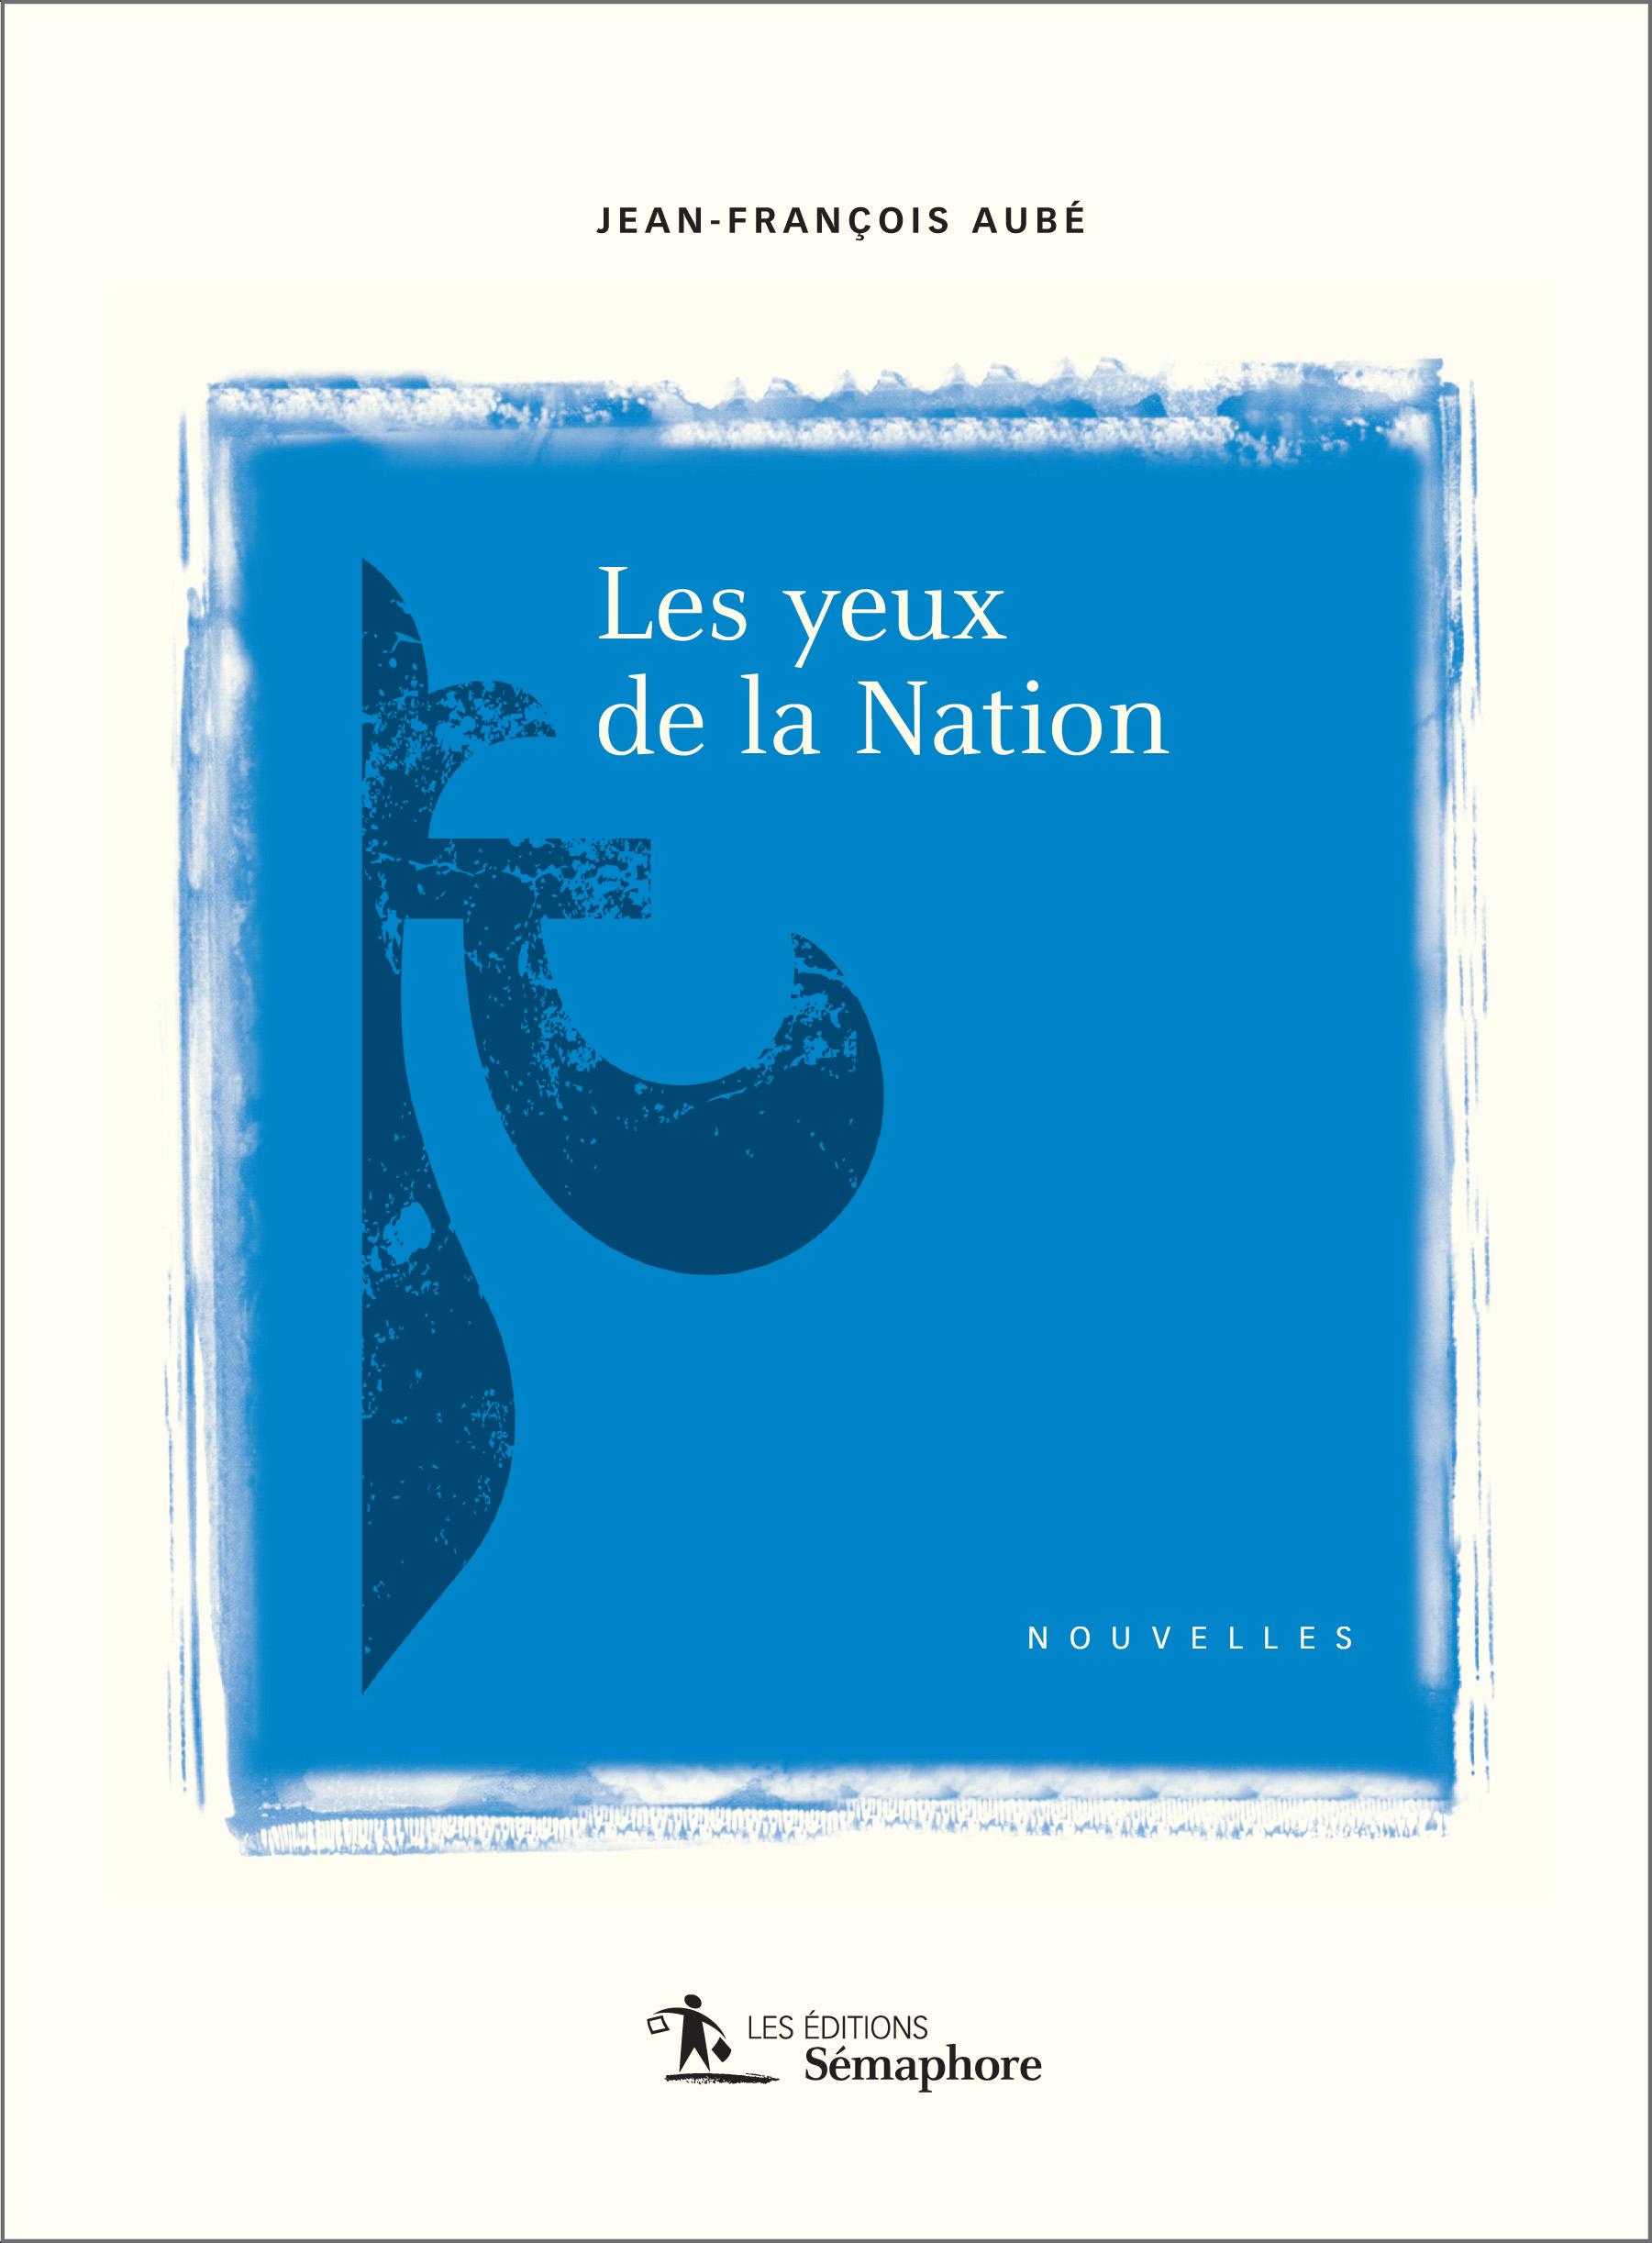 Bonne Fête nationale! Avec un humour parfois grinçant, Jean-François Aubé aborde dans ses nouvelles… (via facebook)